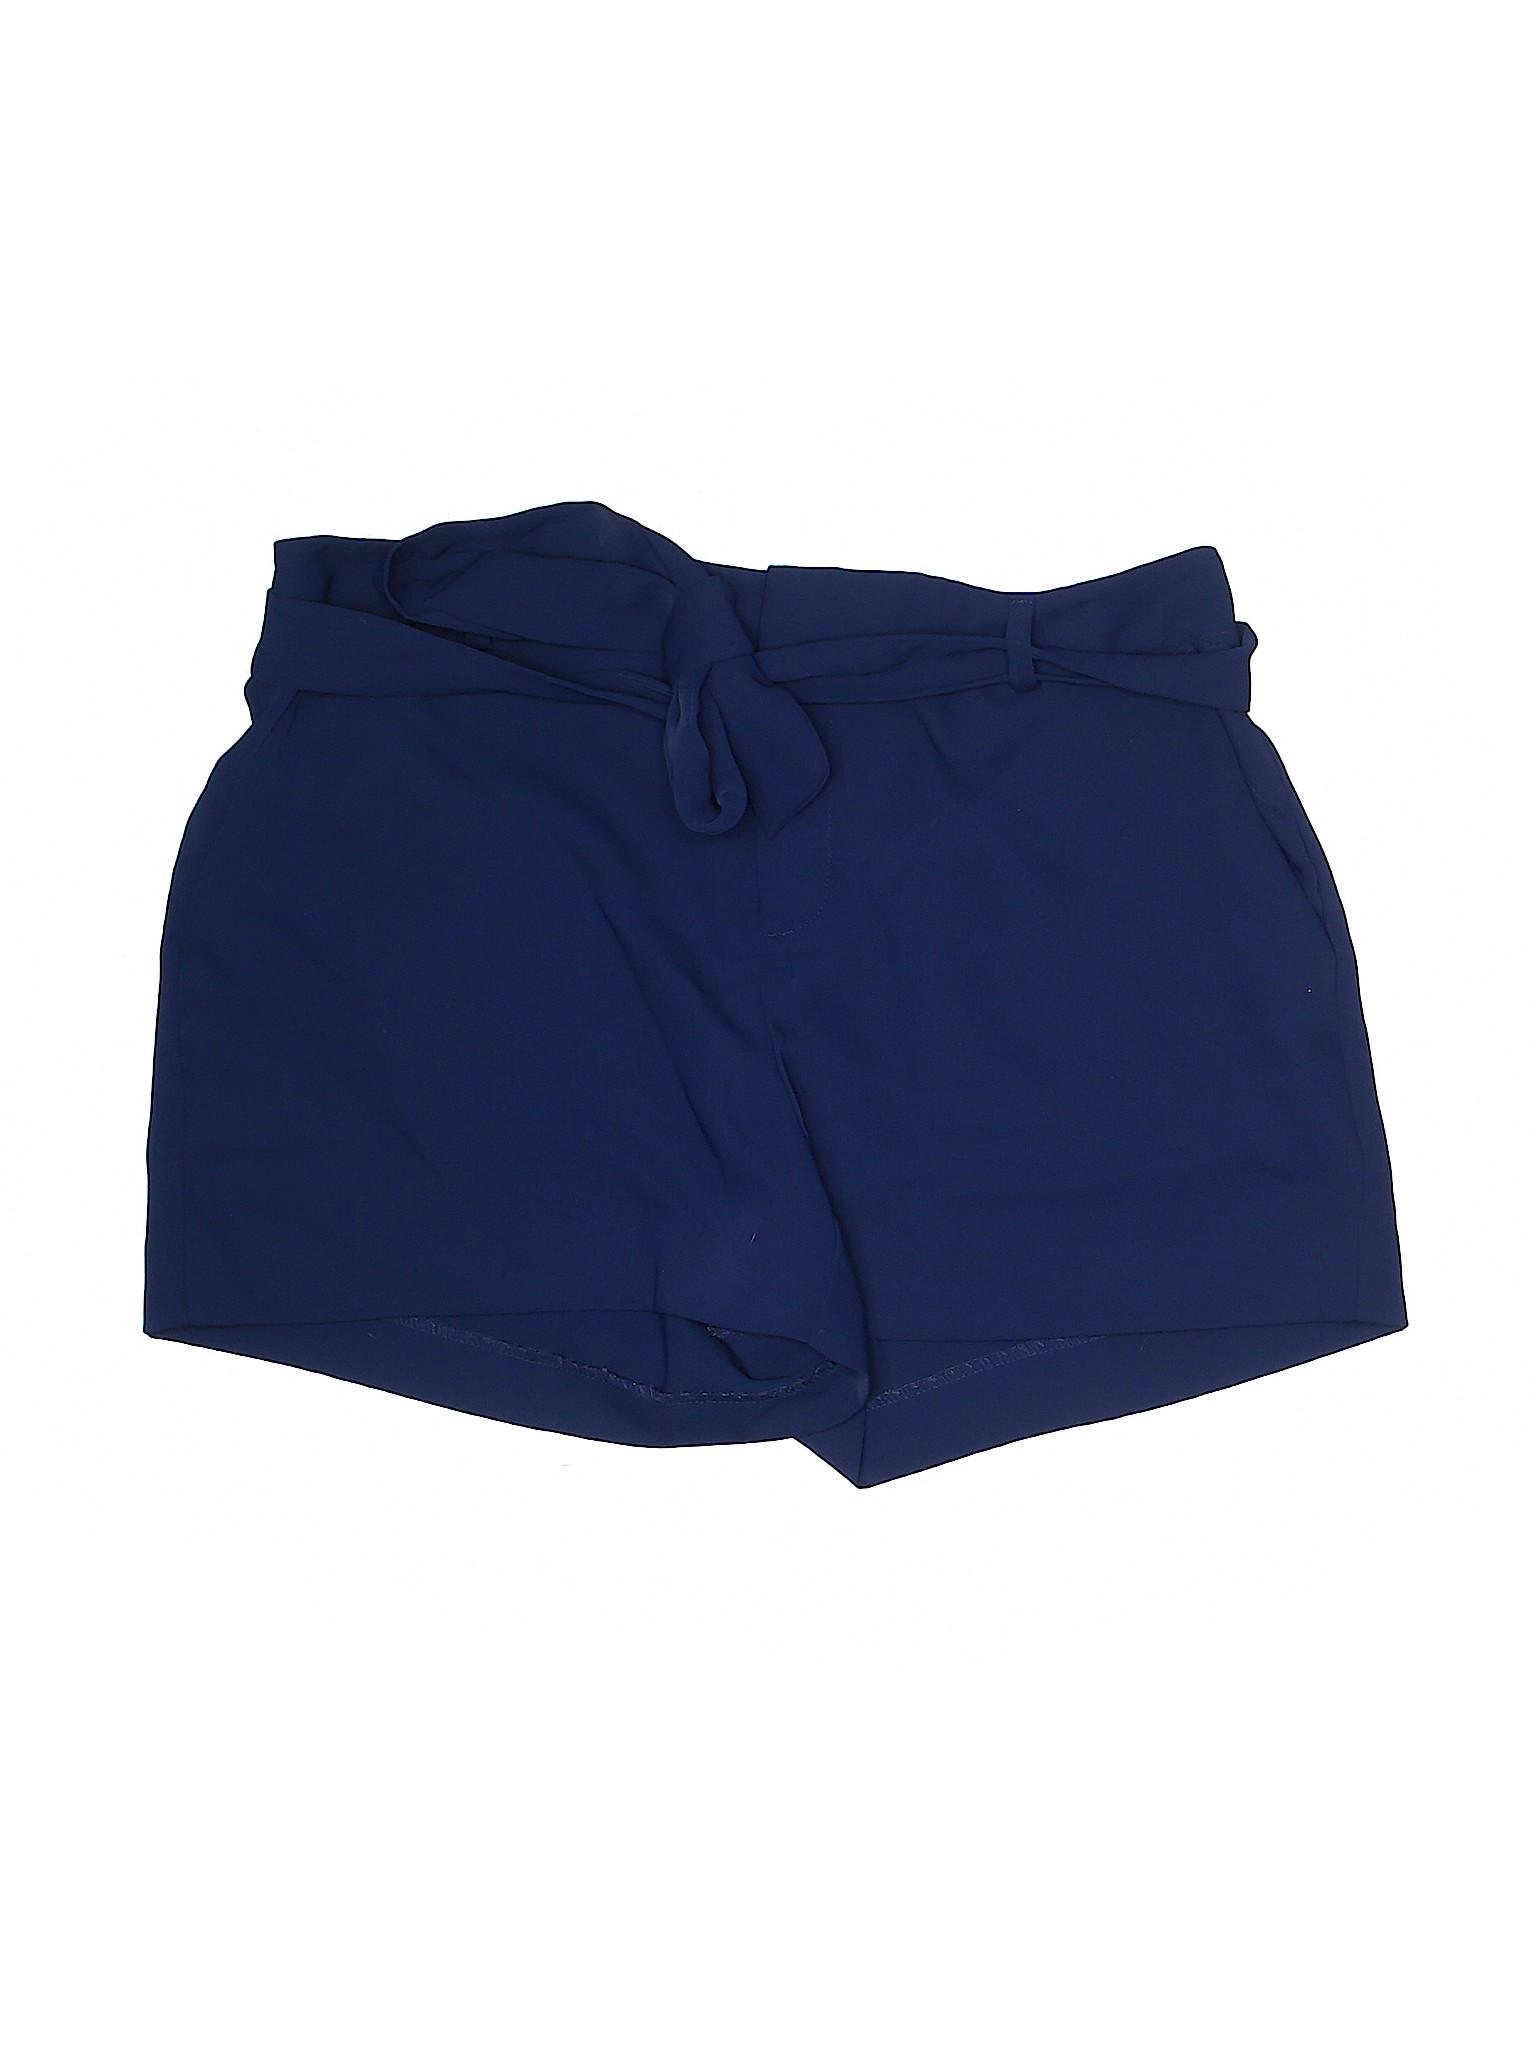 Boutique Shorts leisure leisure 21 Boutique Forever HwUqpH6x